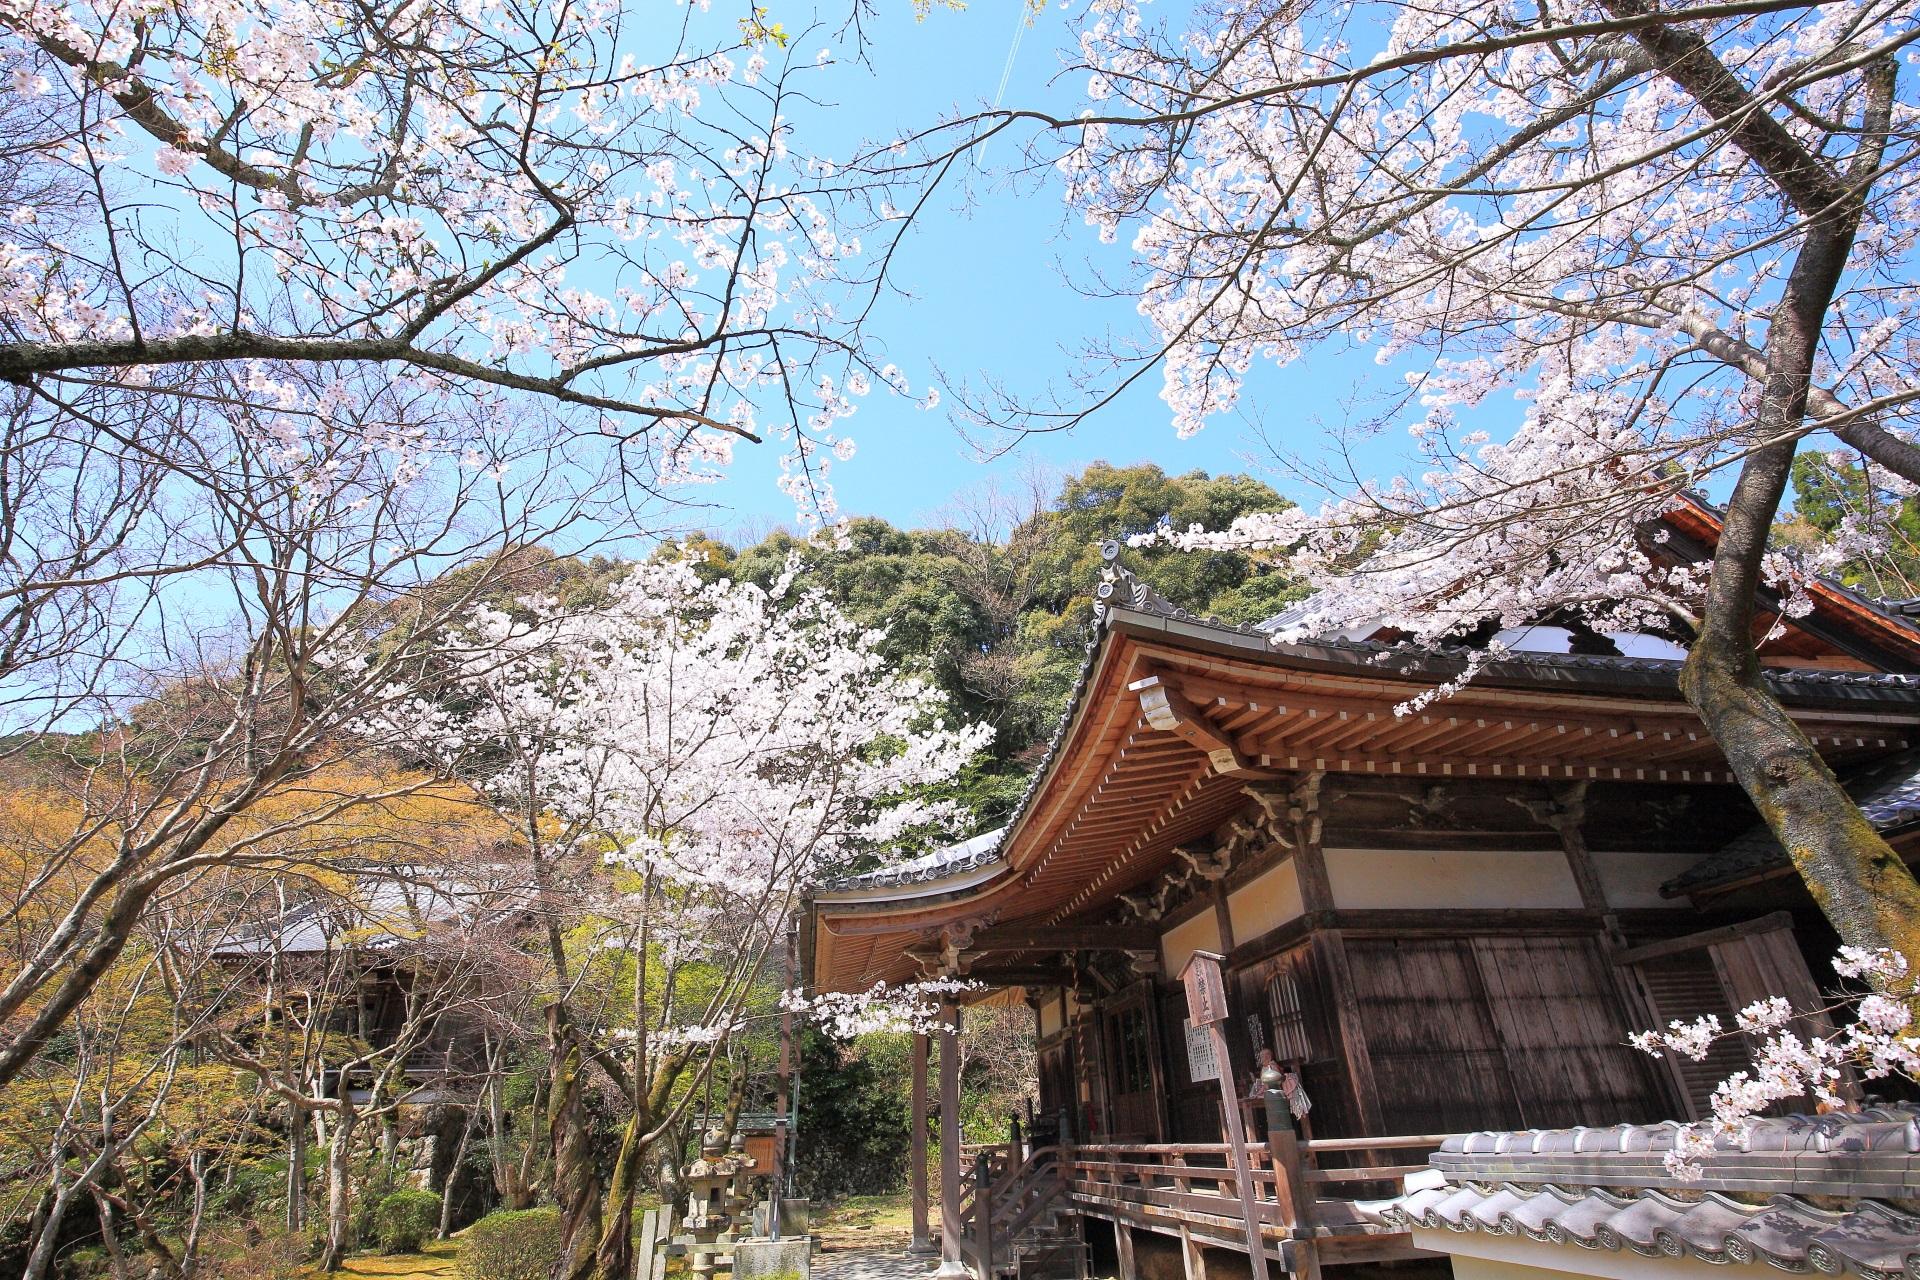 勝持寺の絵になる春の桜の風景